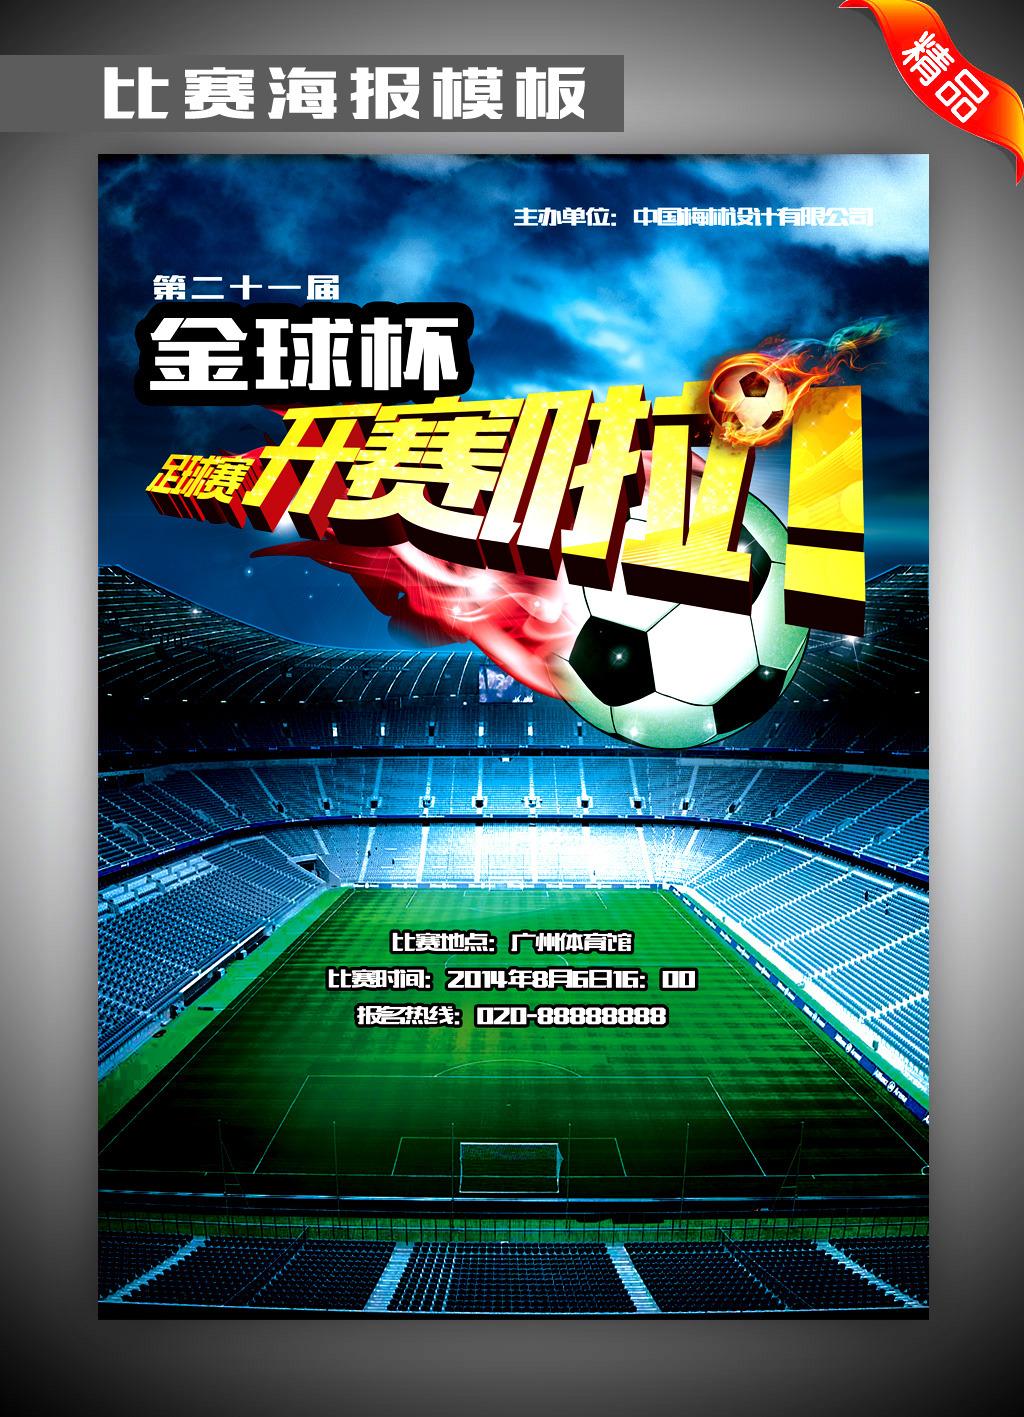 世界杯足球赛海报广告